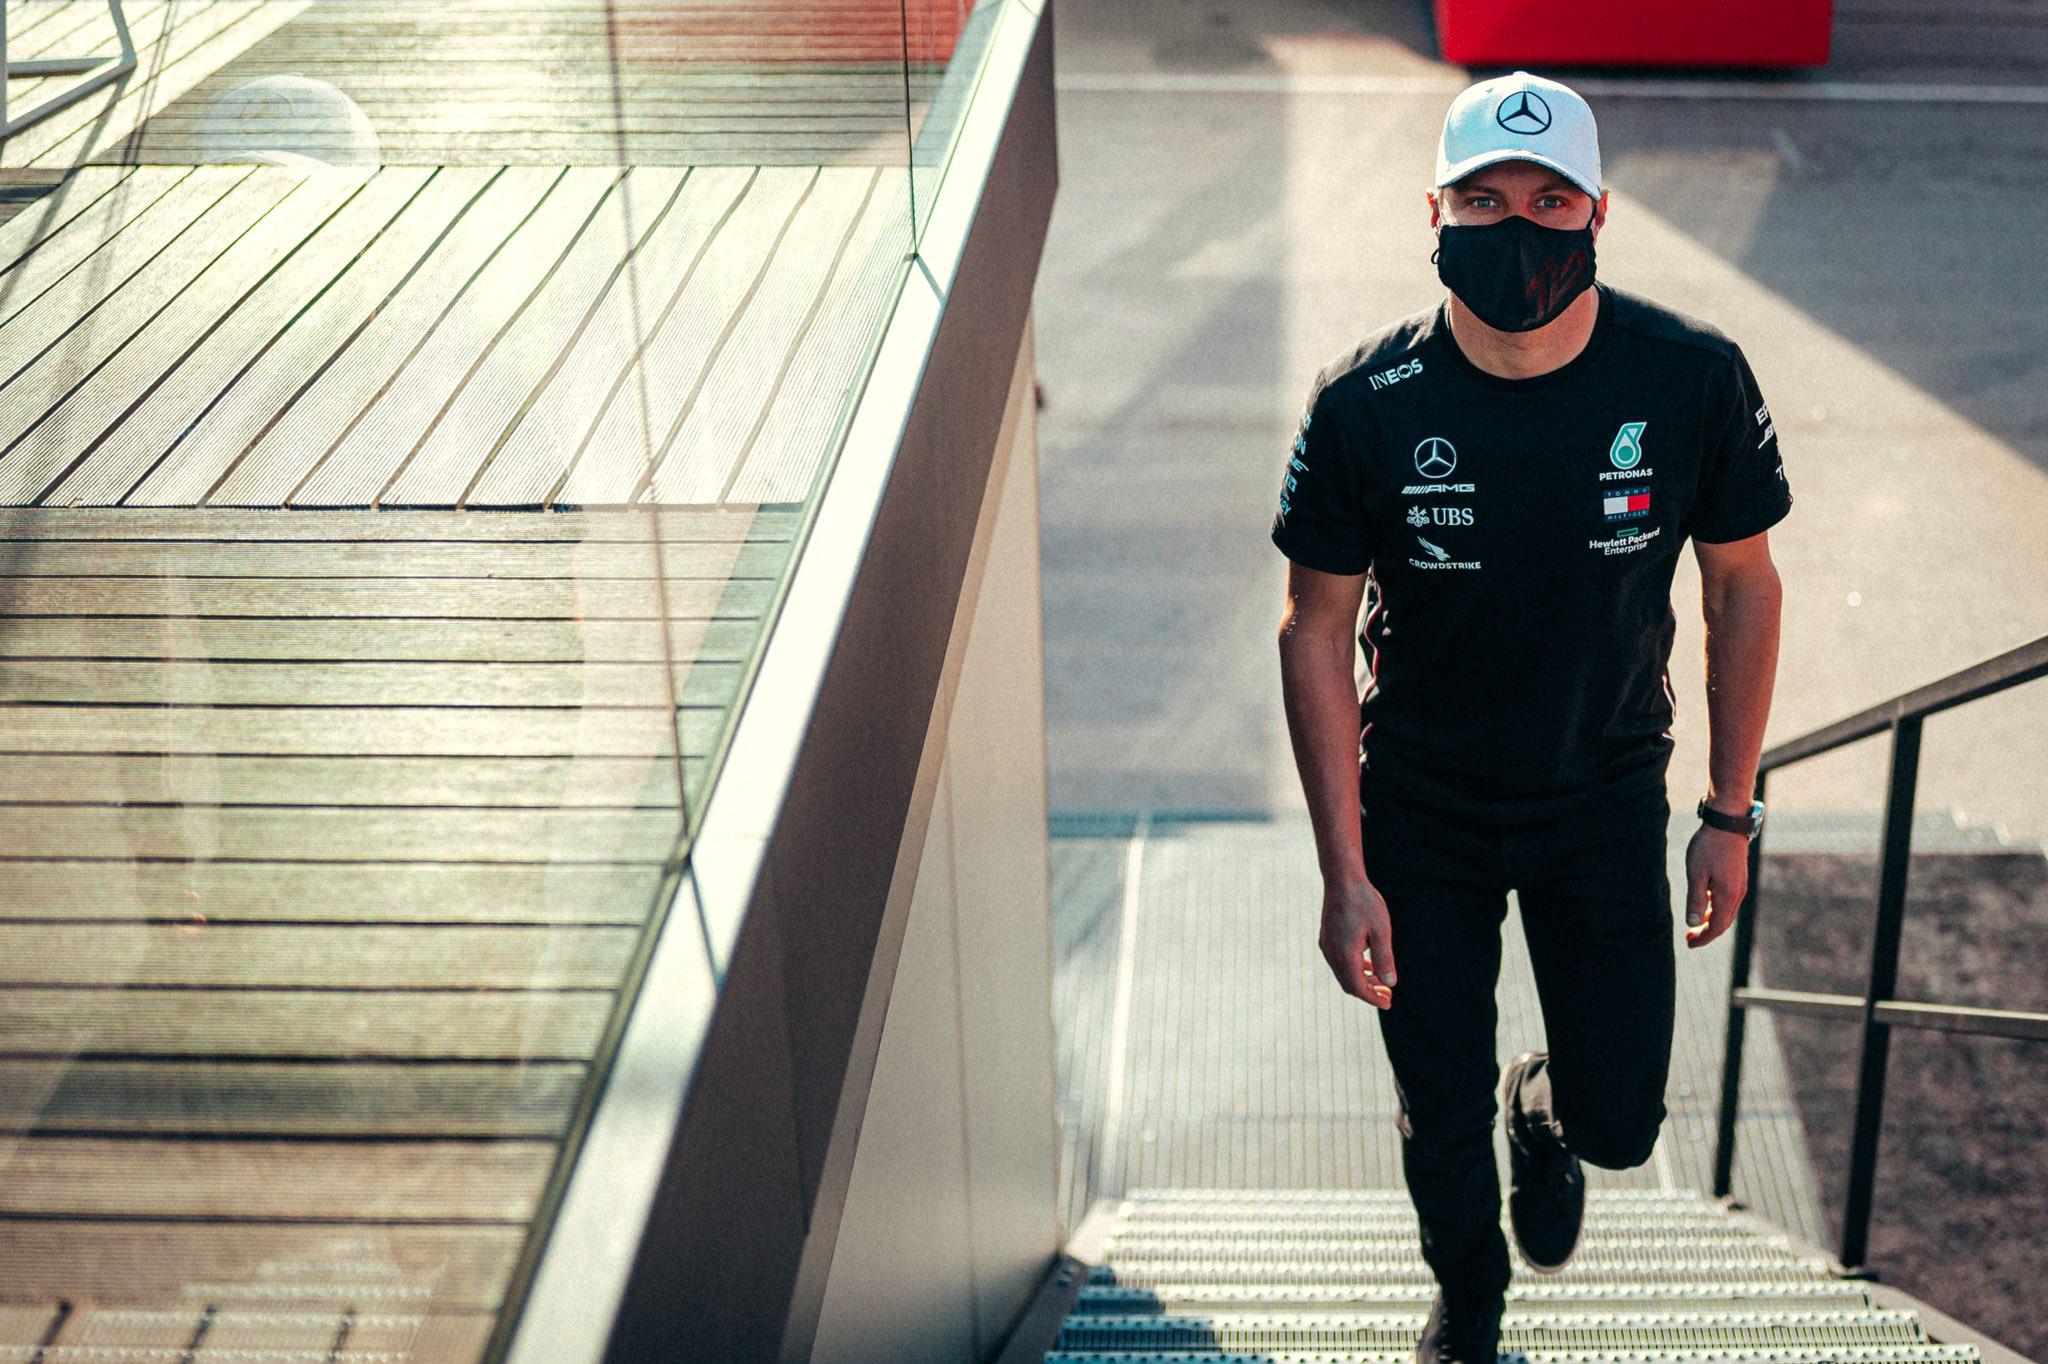 F1 - La F1 confirme neuf cas positifs Covid-19 cette semaine